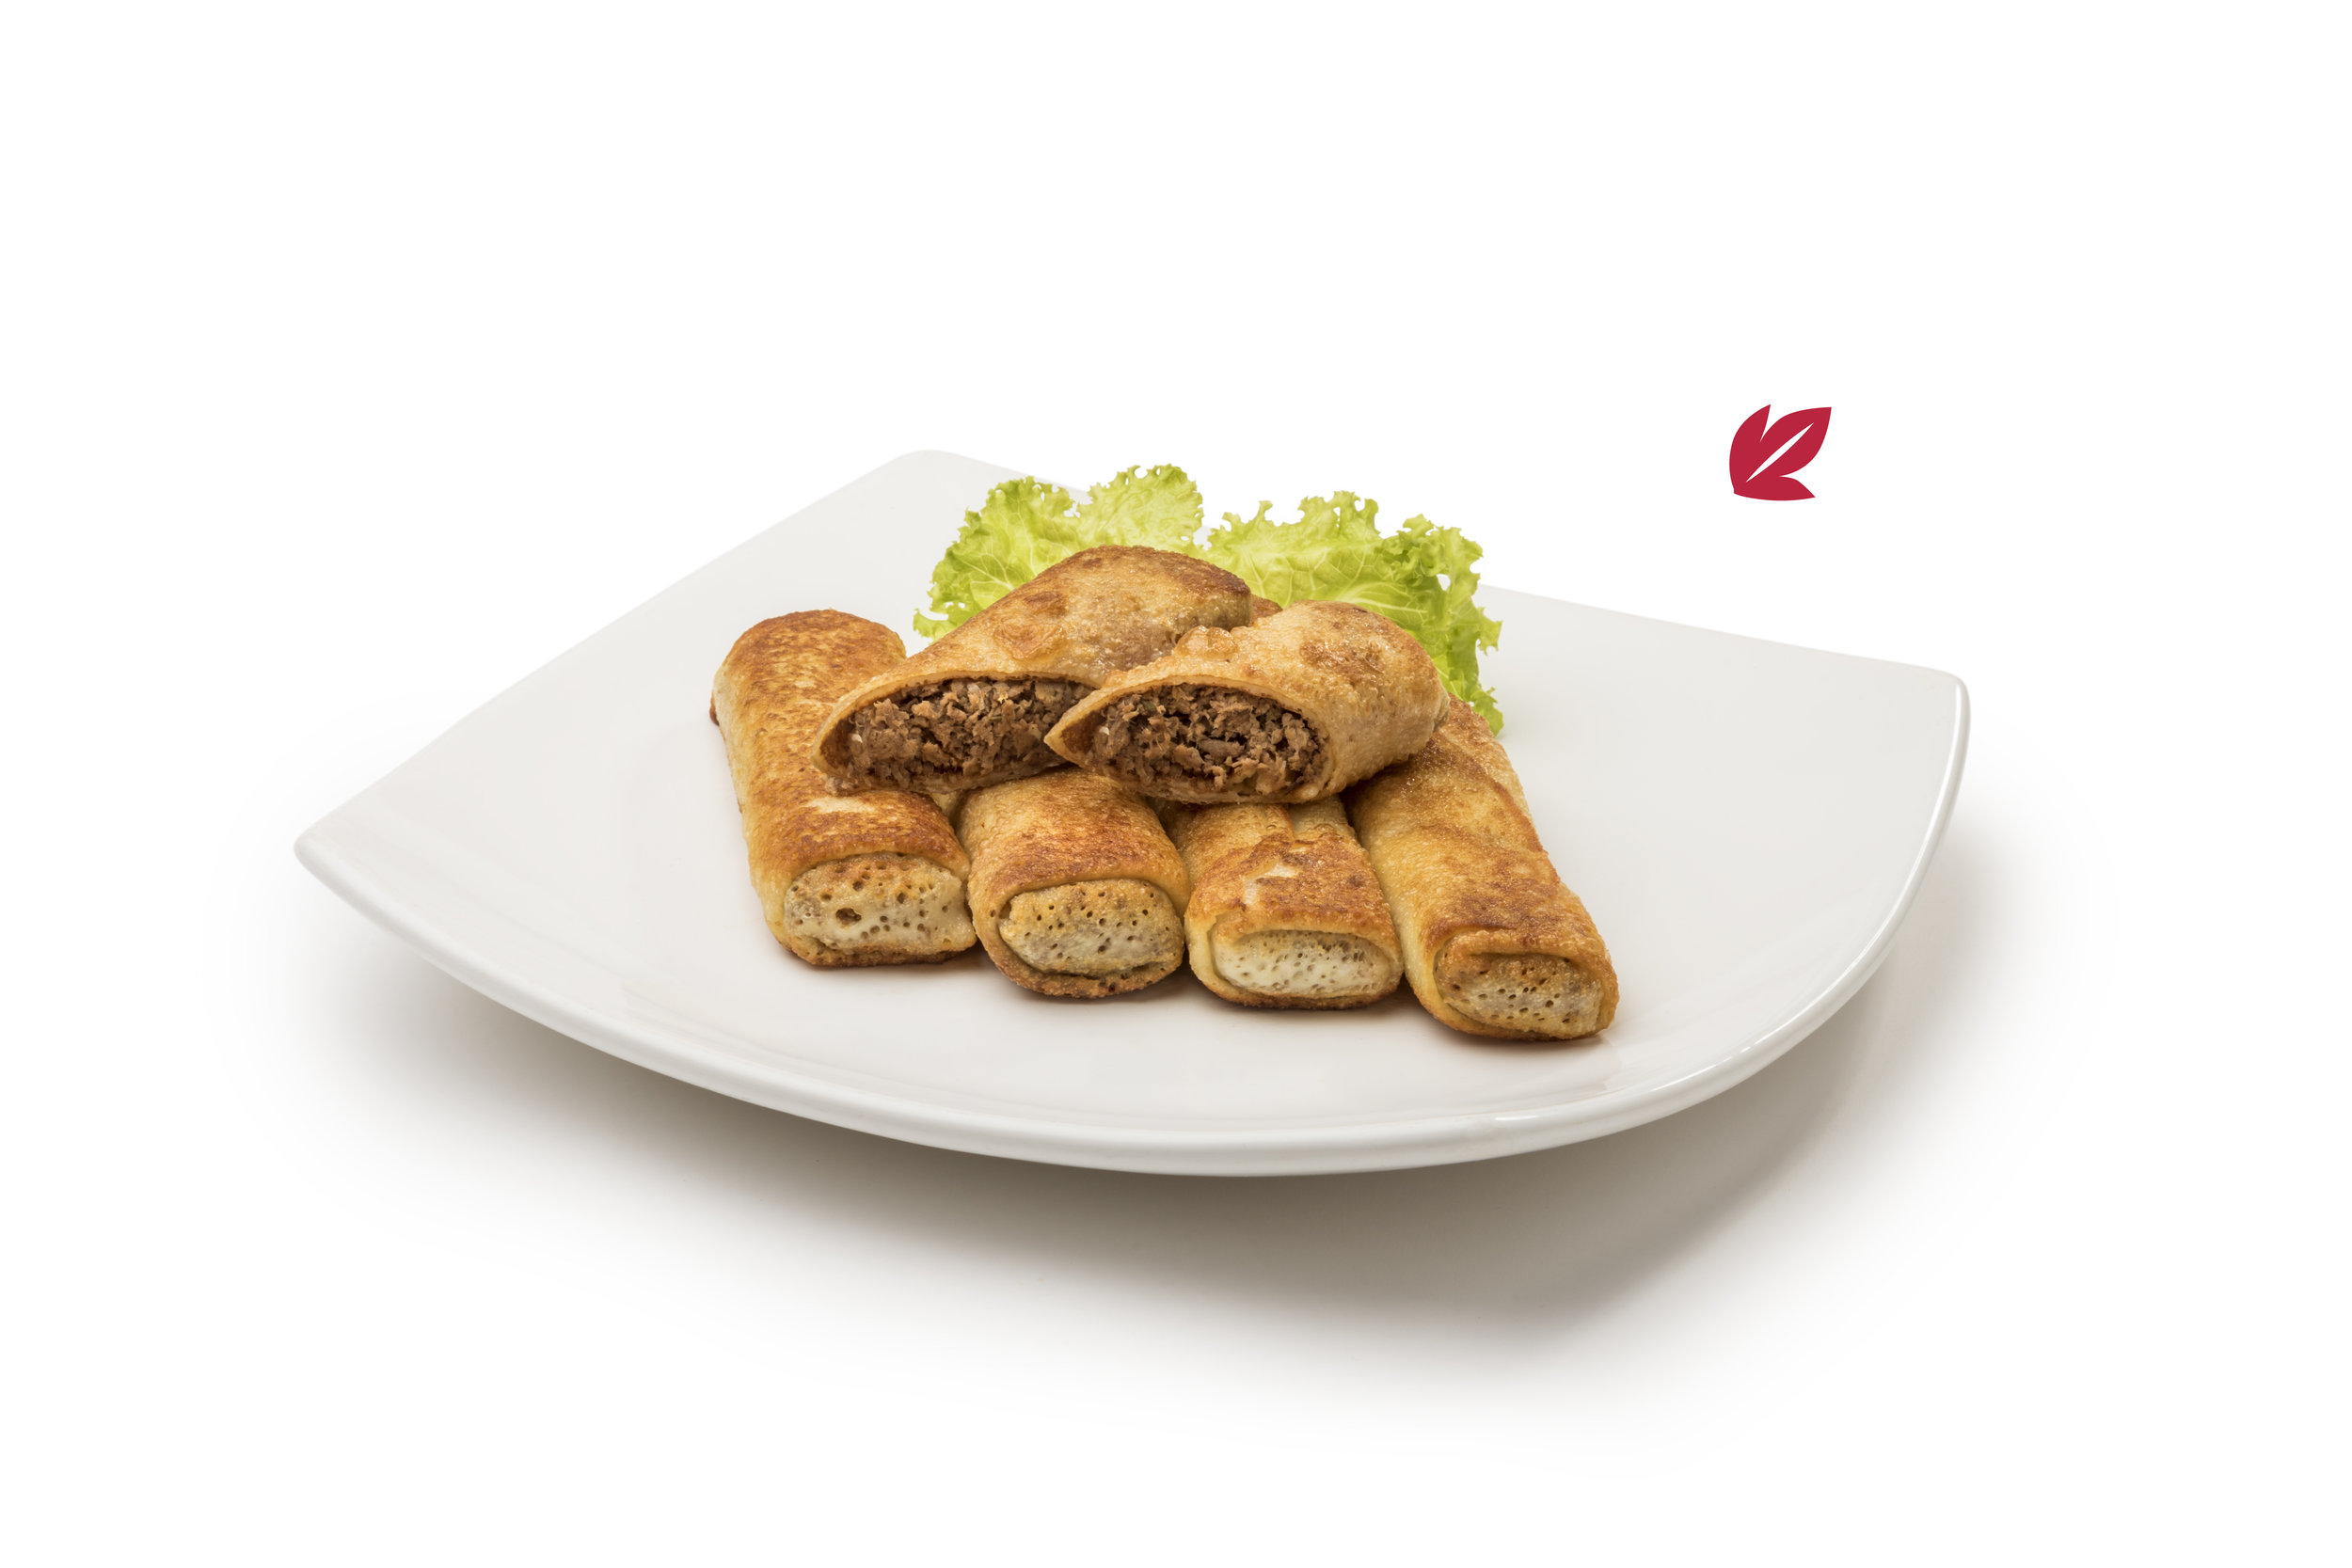 Blinch - Rolls de filloa dorados a la plancha relleno de carne cocida la vapor, procesado y condimentado. Porción de 4 unidades.$340